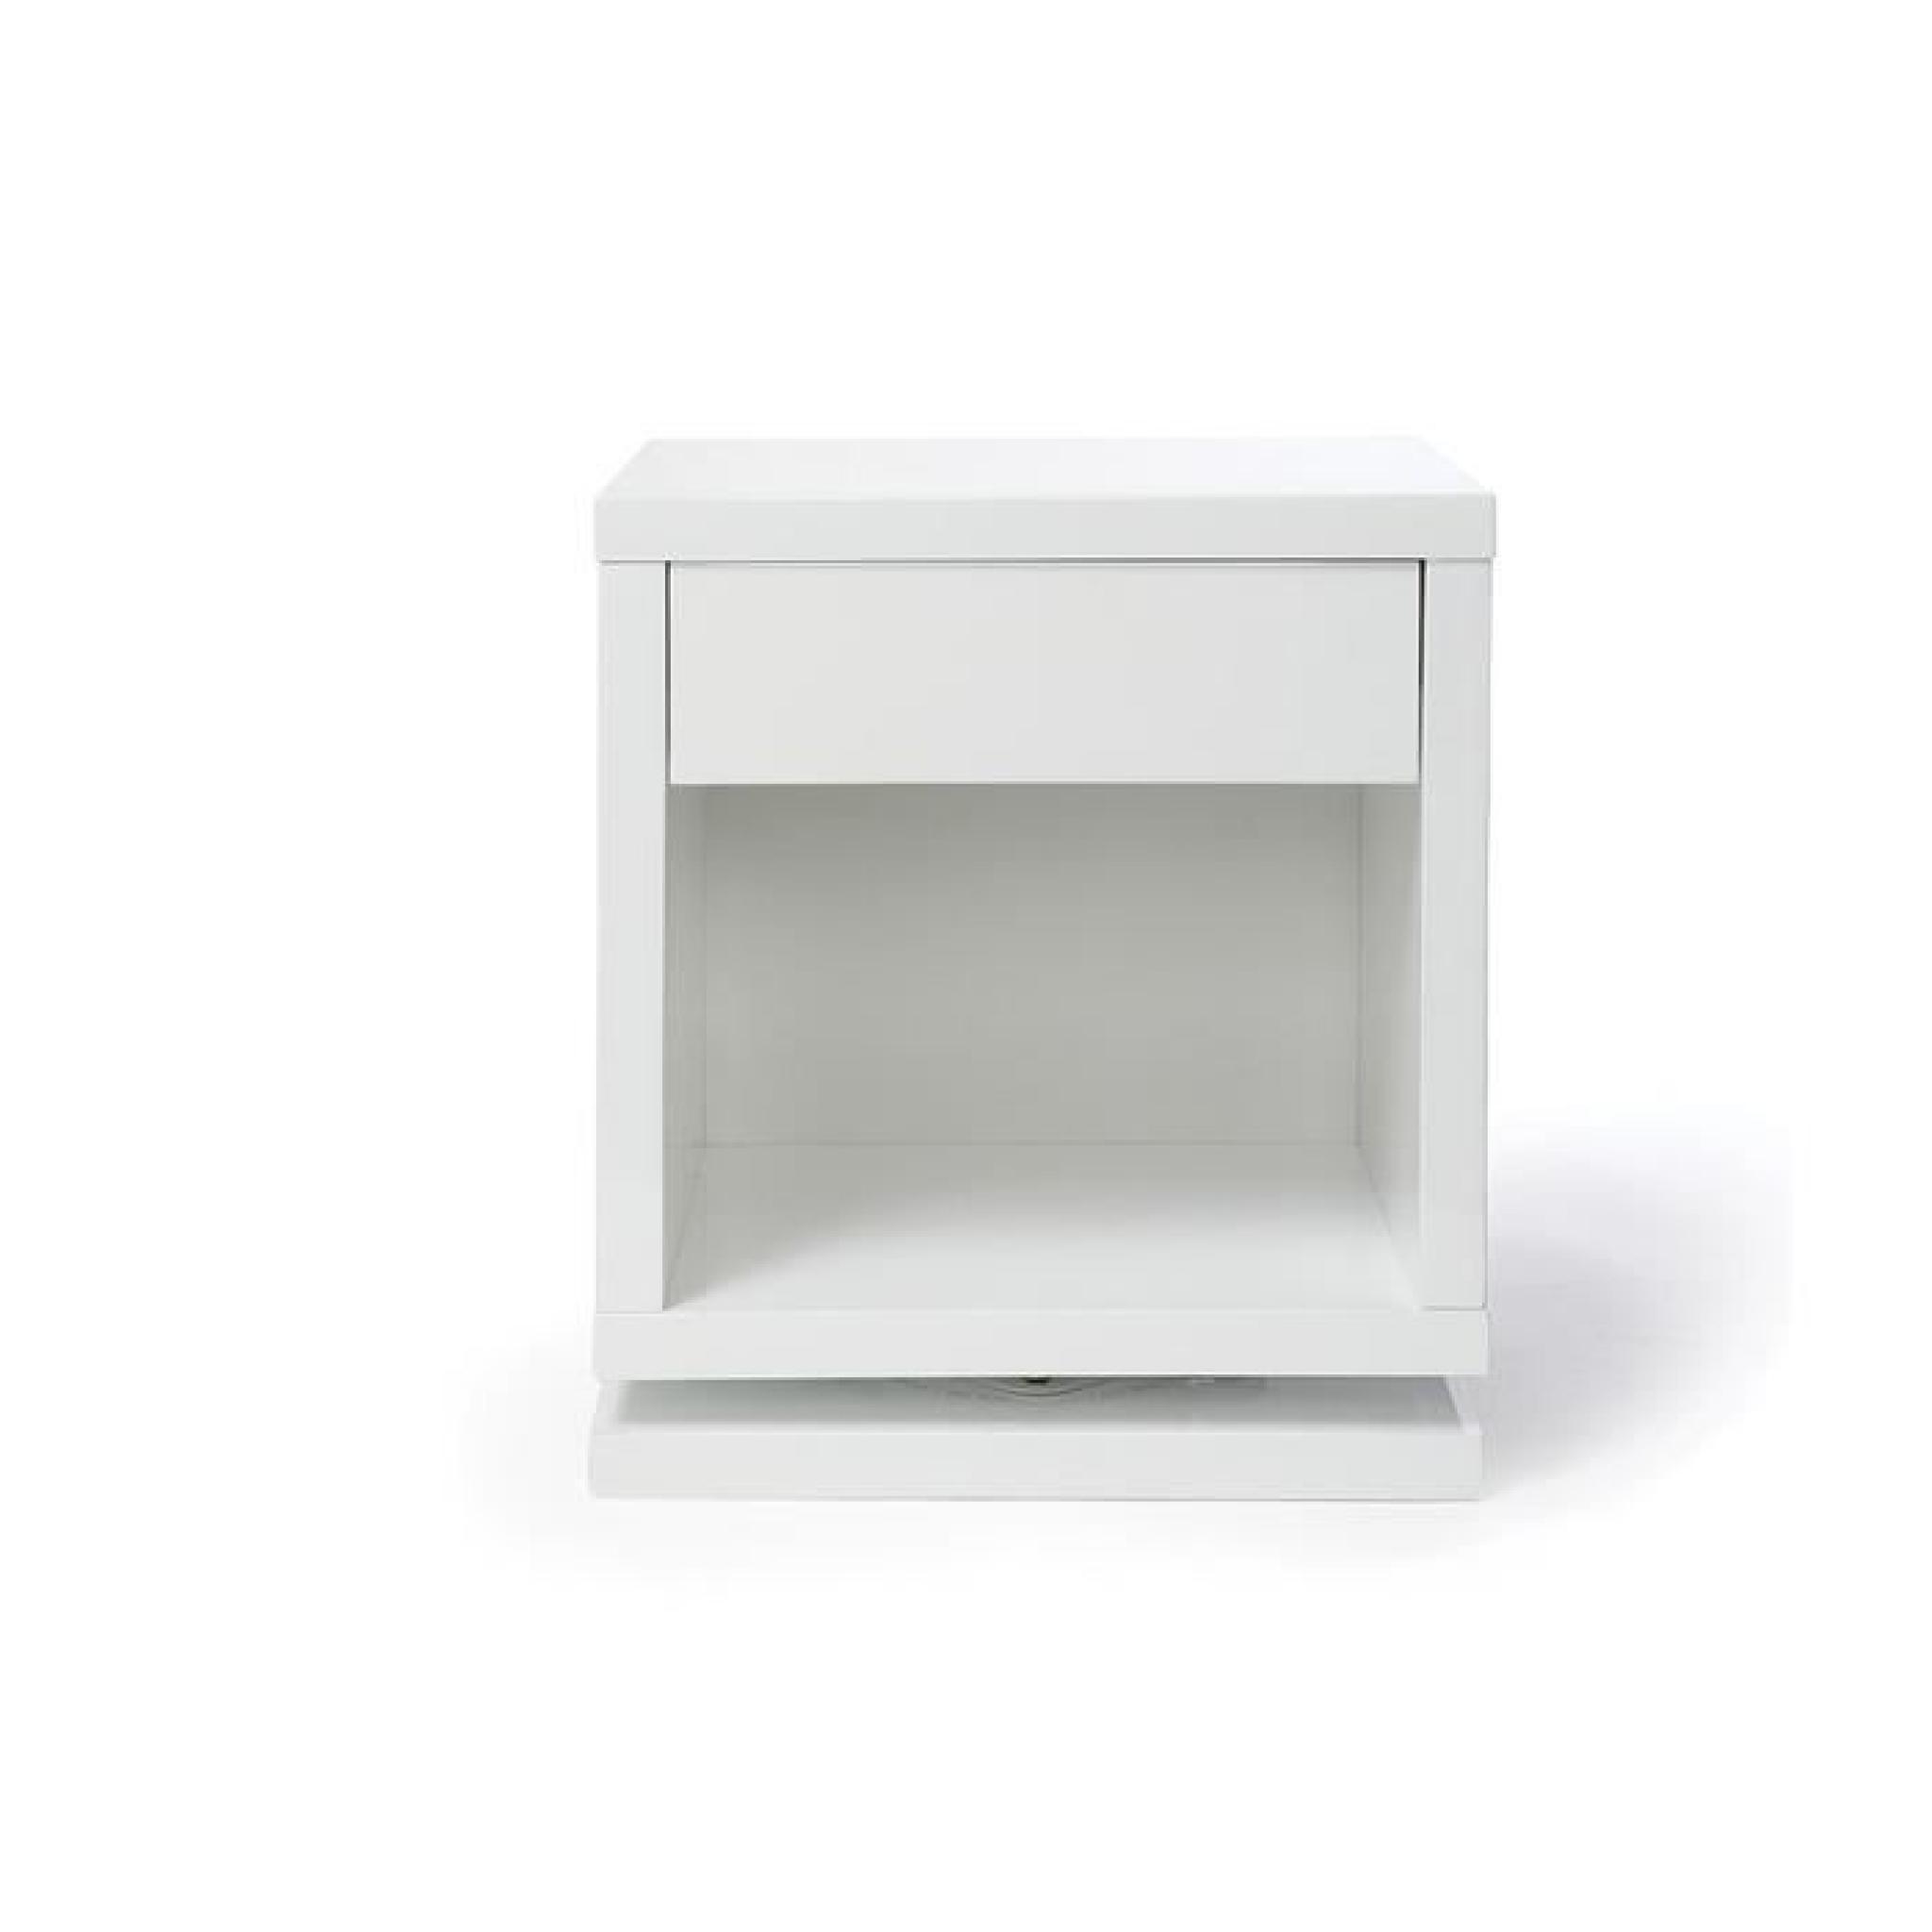 table de chevet design rotative blanc brillant max achat vente table de chevet pas cher. Black Bedroom Furniture Sets. Home Design Ideas